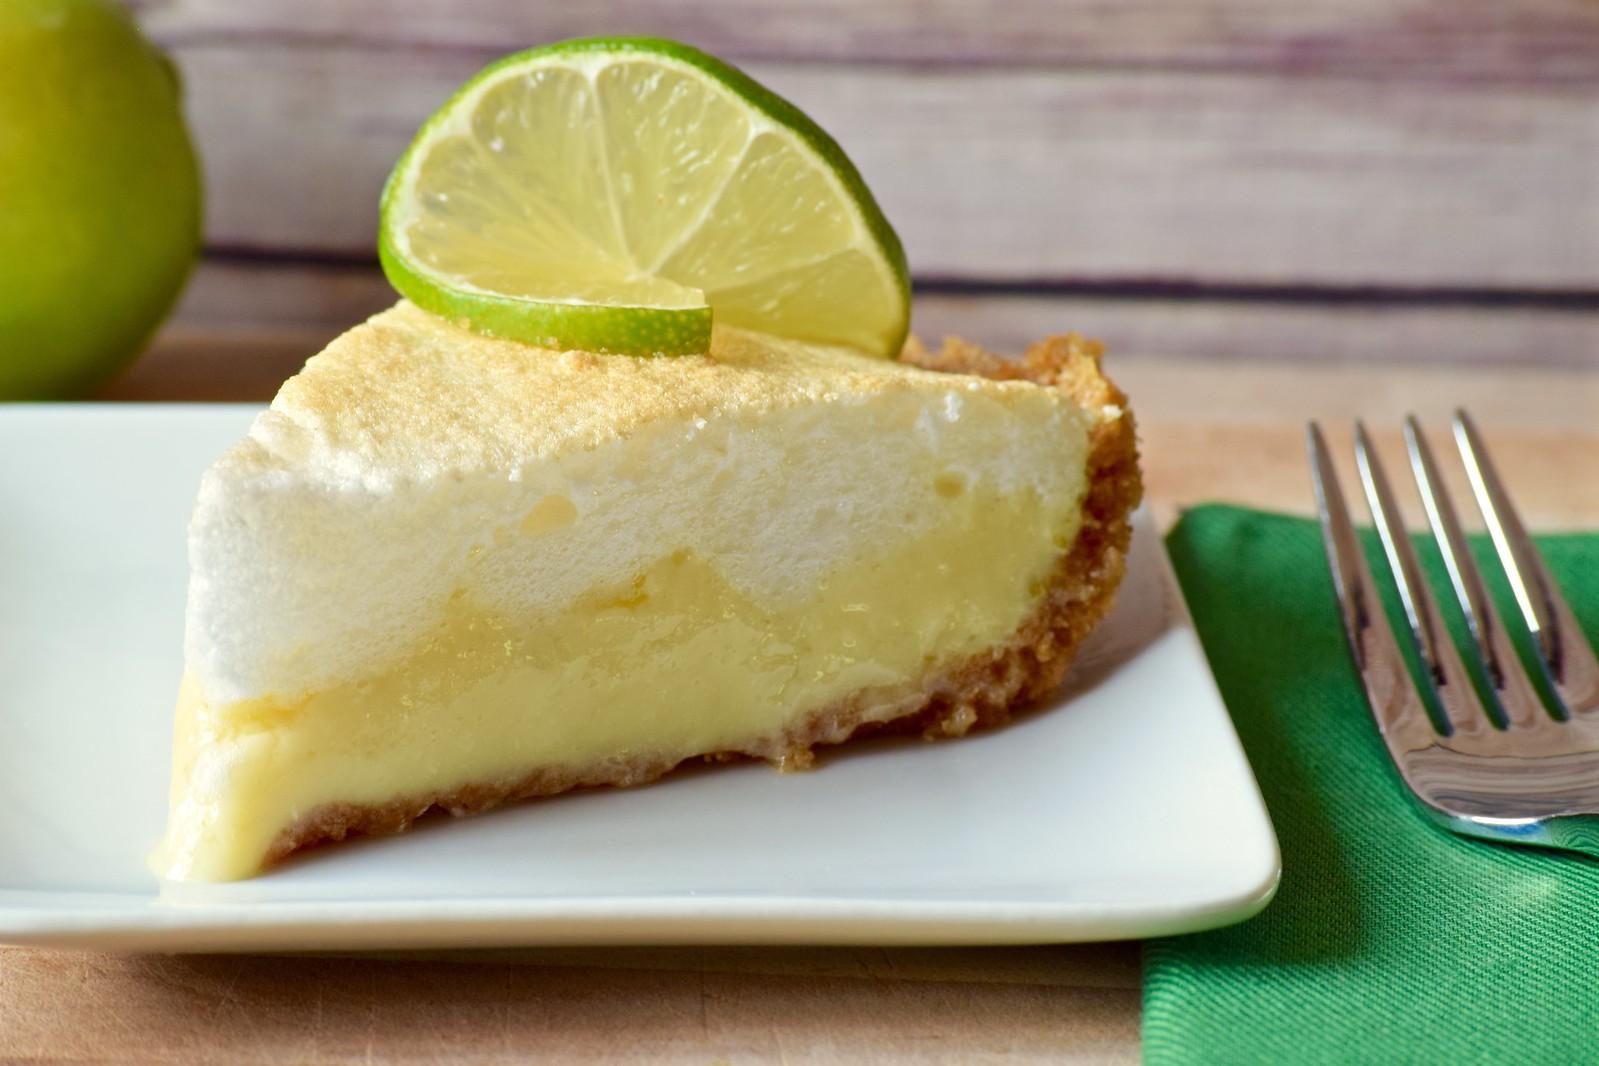 a slice of key lime pie